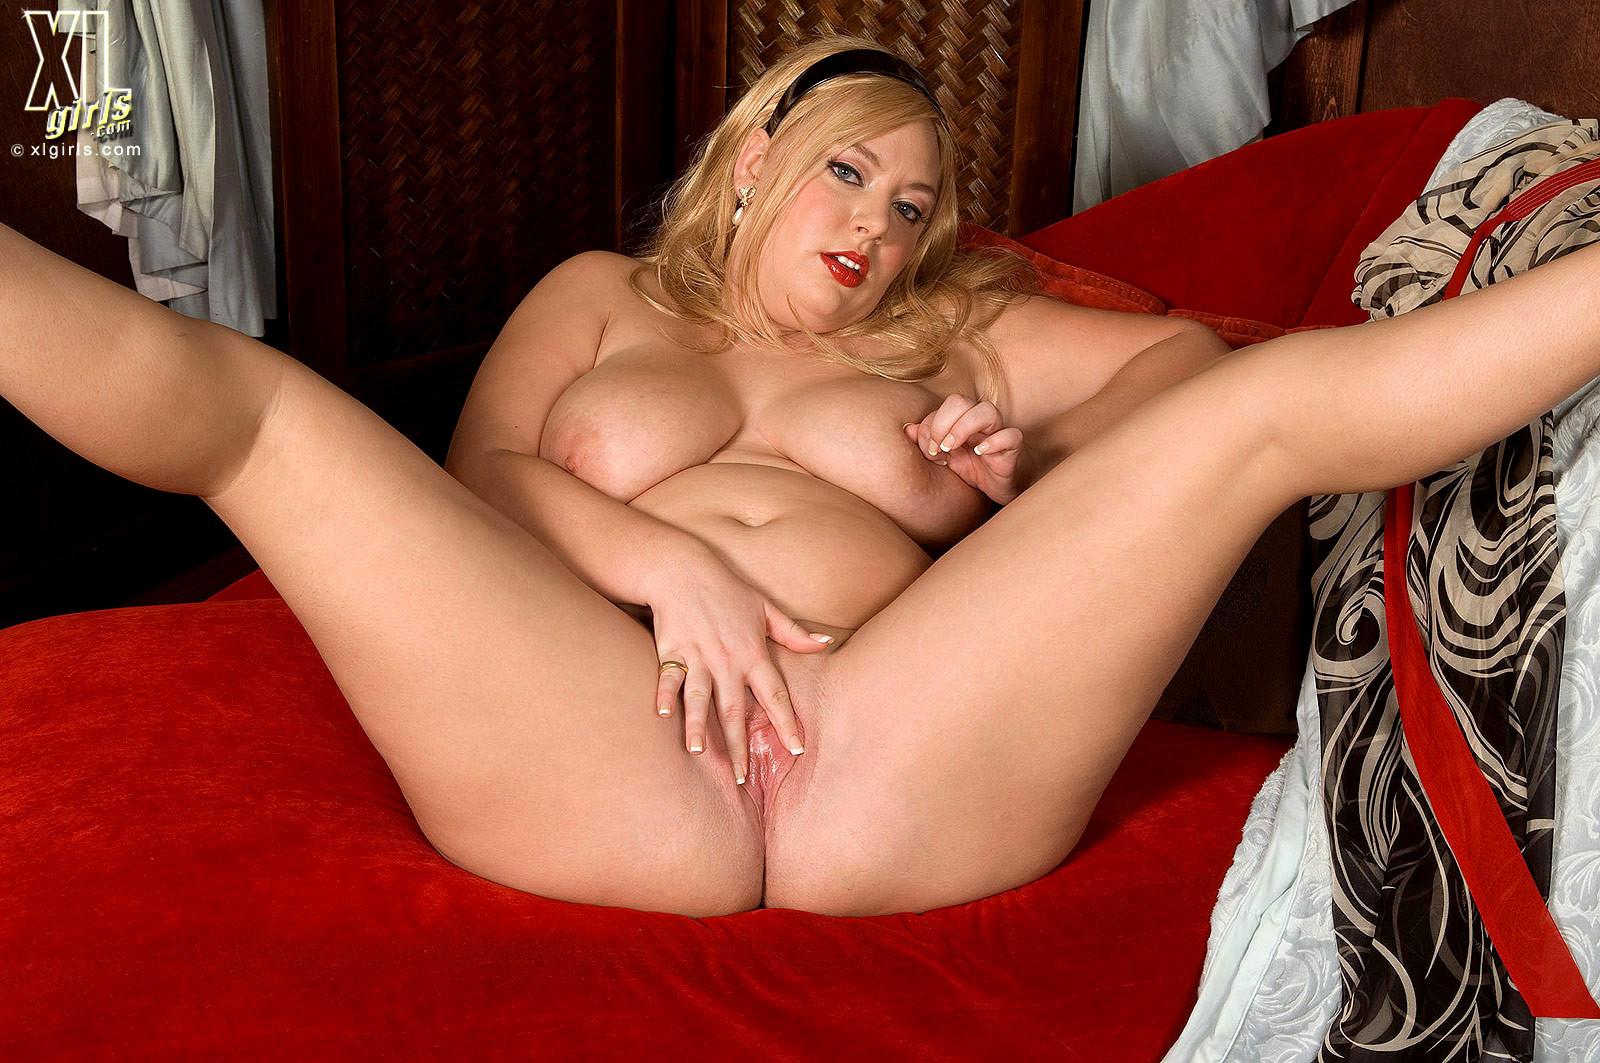 зрелая русская пышечка лежит голая раскинув широко свои ножки